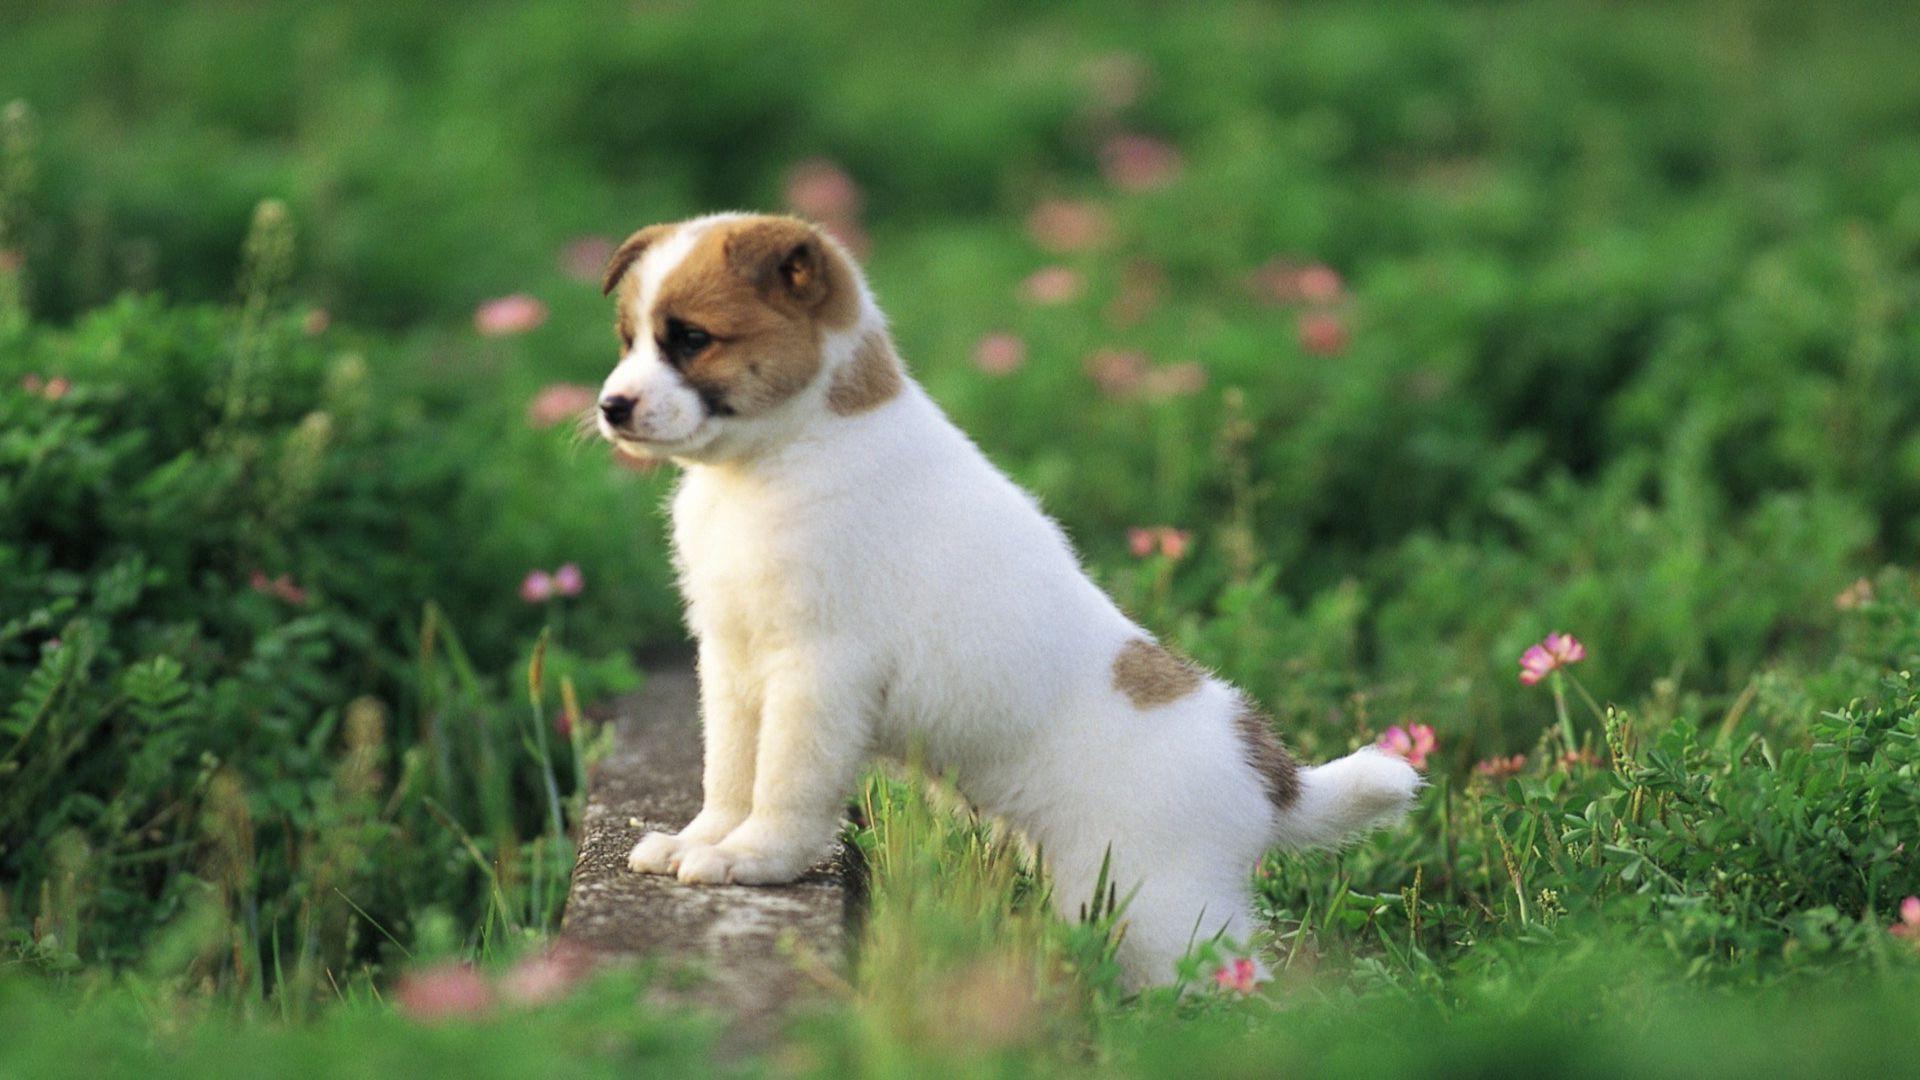 Wallpaper Hd Cute Puppies Cute Puppy 1920x1080 Download Hd Wallpaper Wallpapertip